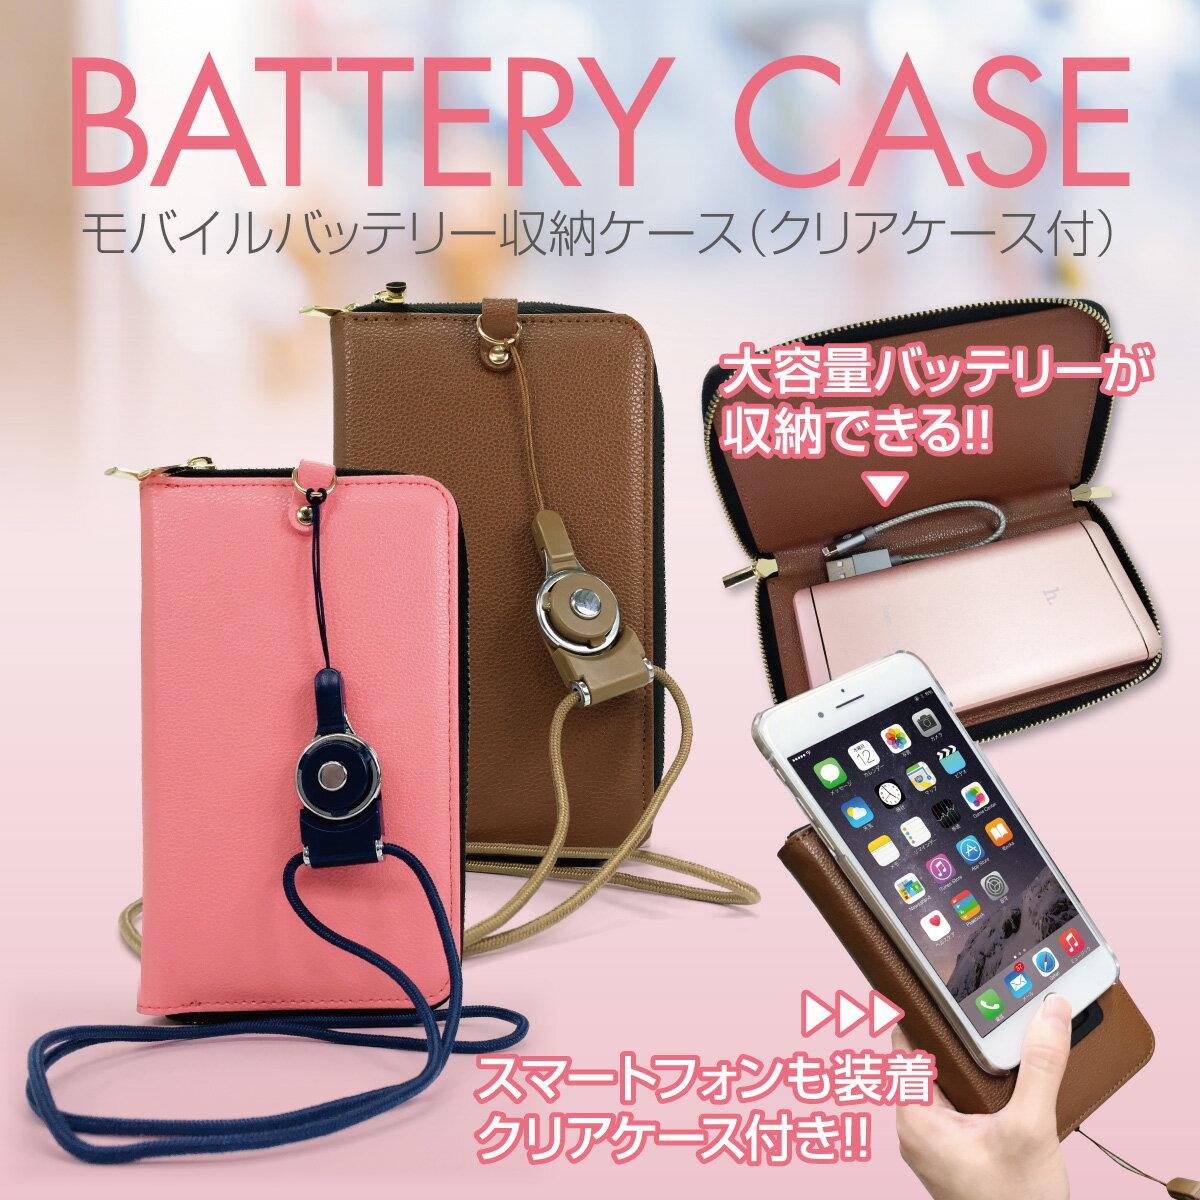 モバイルバッテリーケース 【クリアケース付】【ストラップ付】モバイルバッテリー ケース 大容量 軽量 iPhoneX iphone8 iPhone7 plus iPhone6s android スマホ 充電器 スマートフォン モバイル バッテリー battery-case01